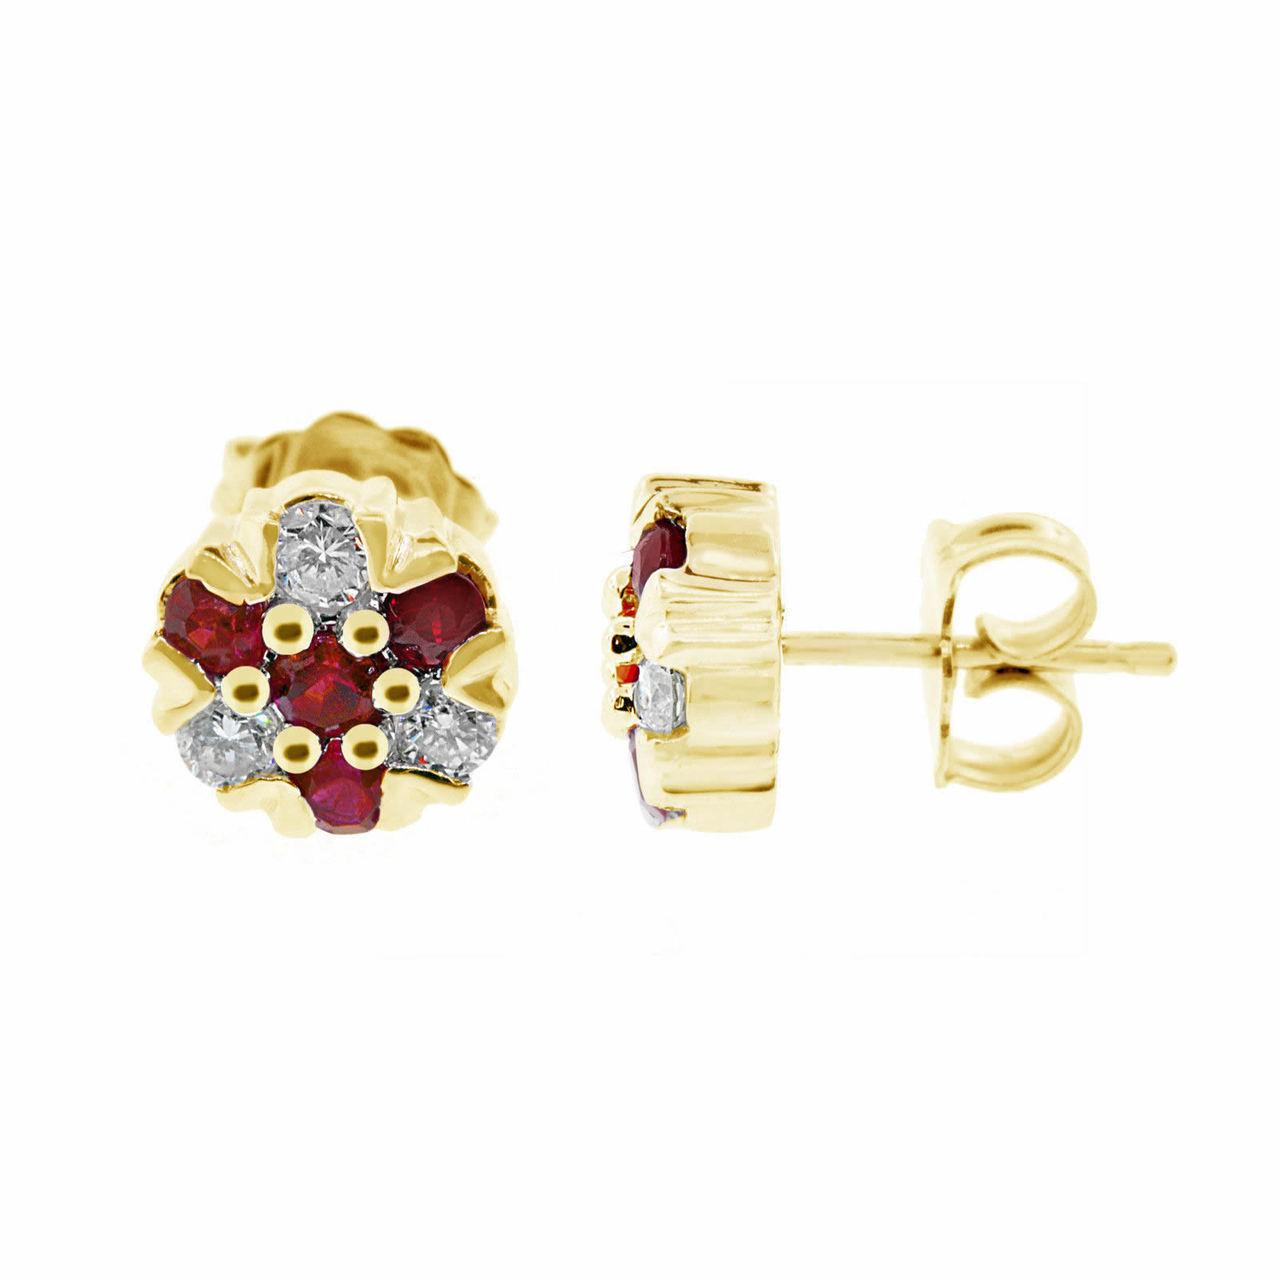 Ruby Stud Earrings Diamond Cluster Earrings Flower Earrings